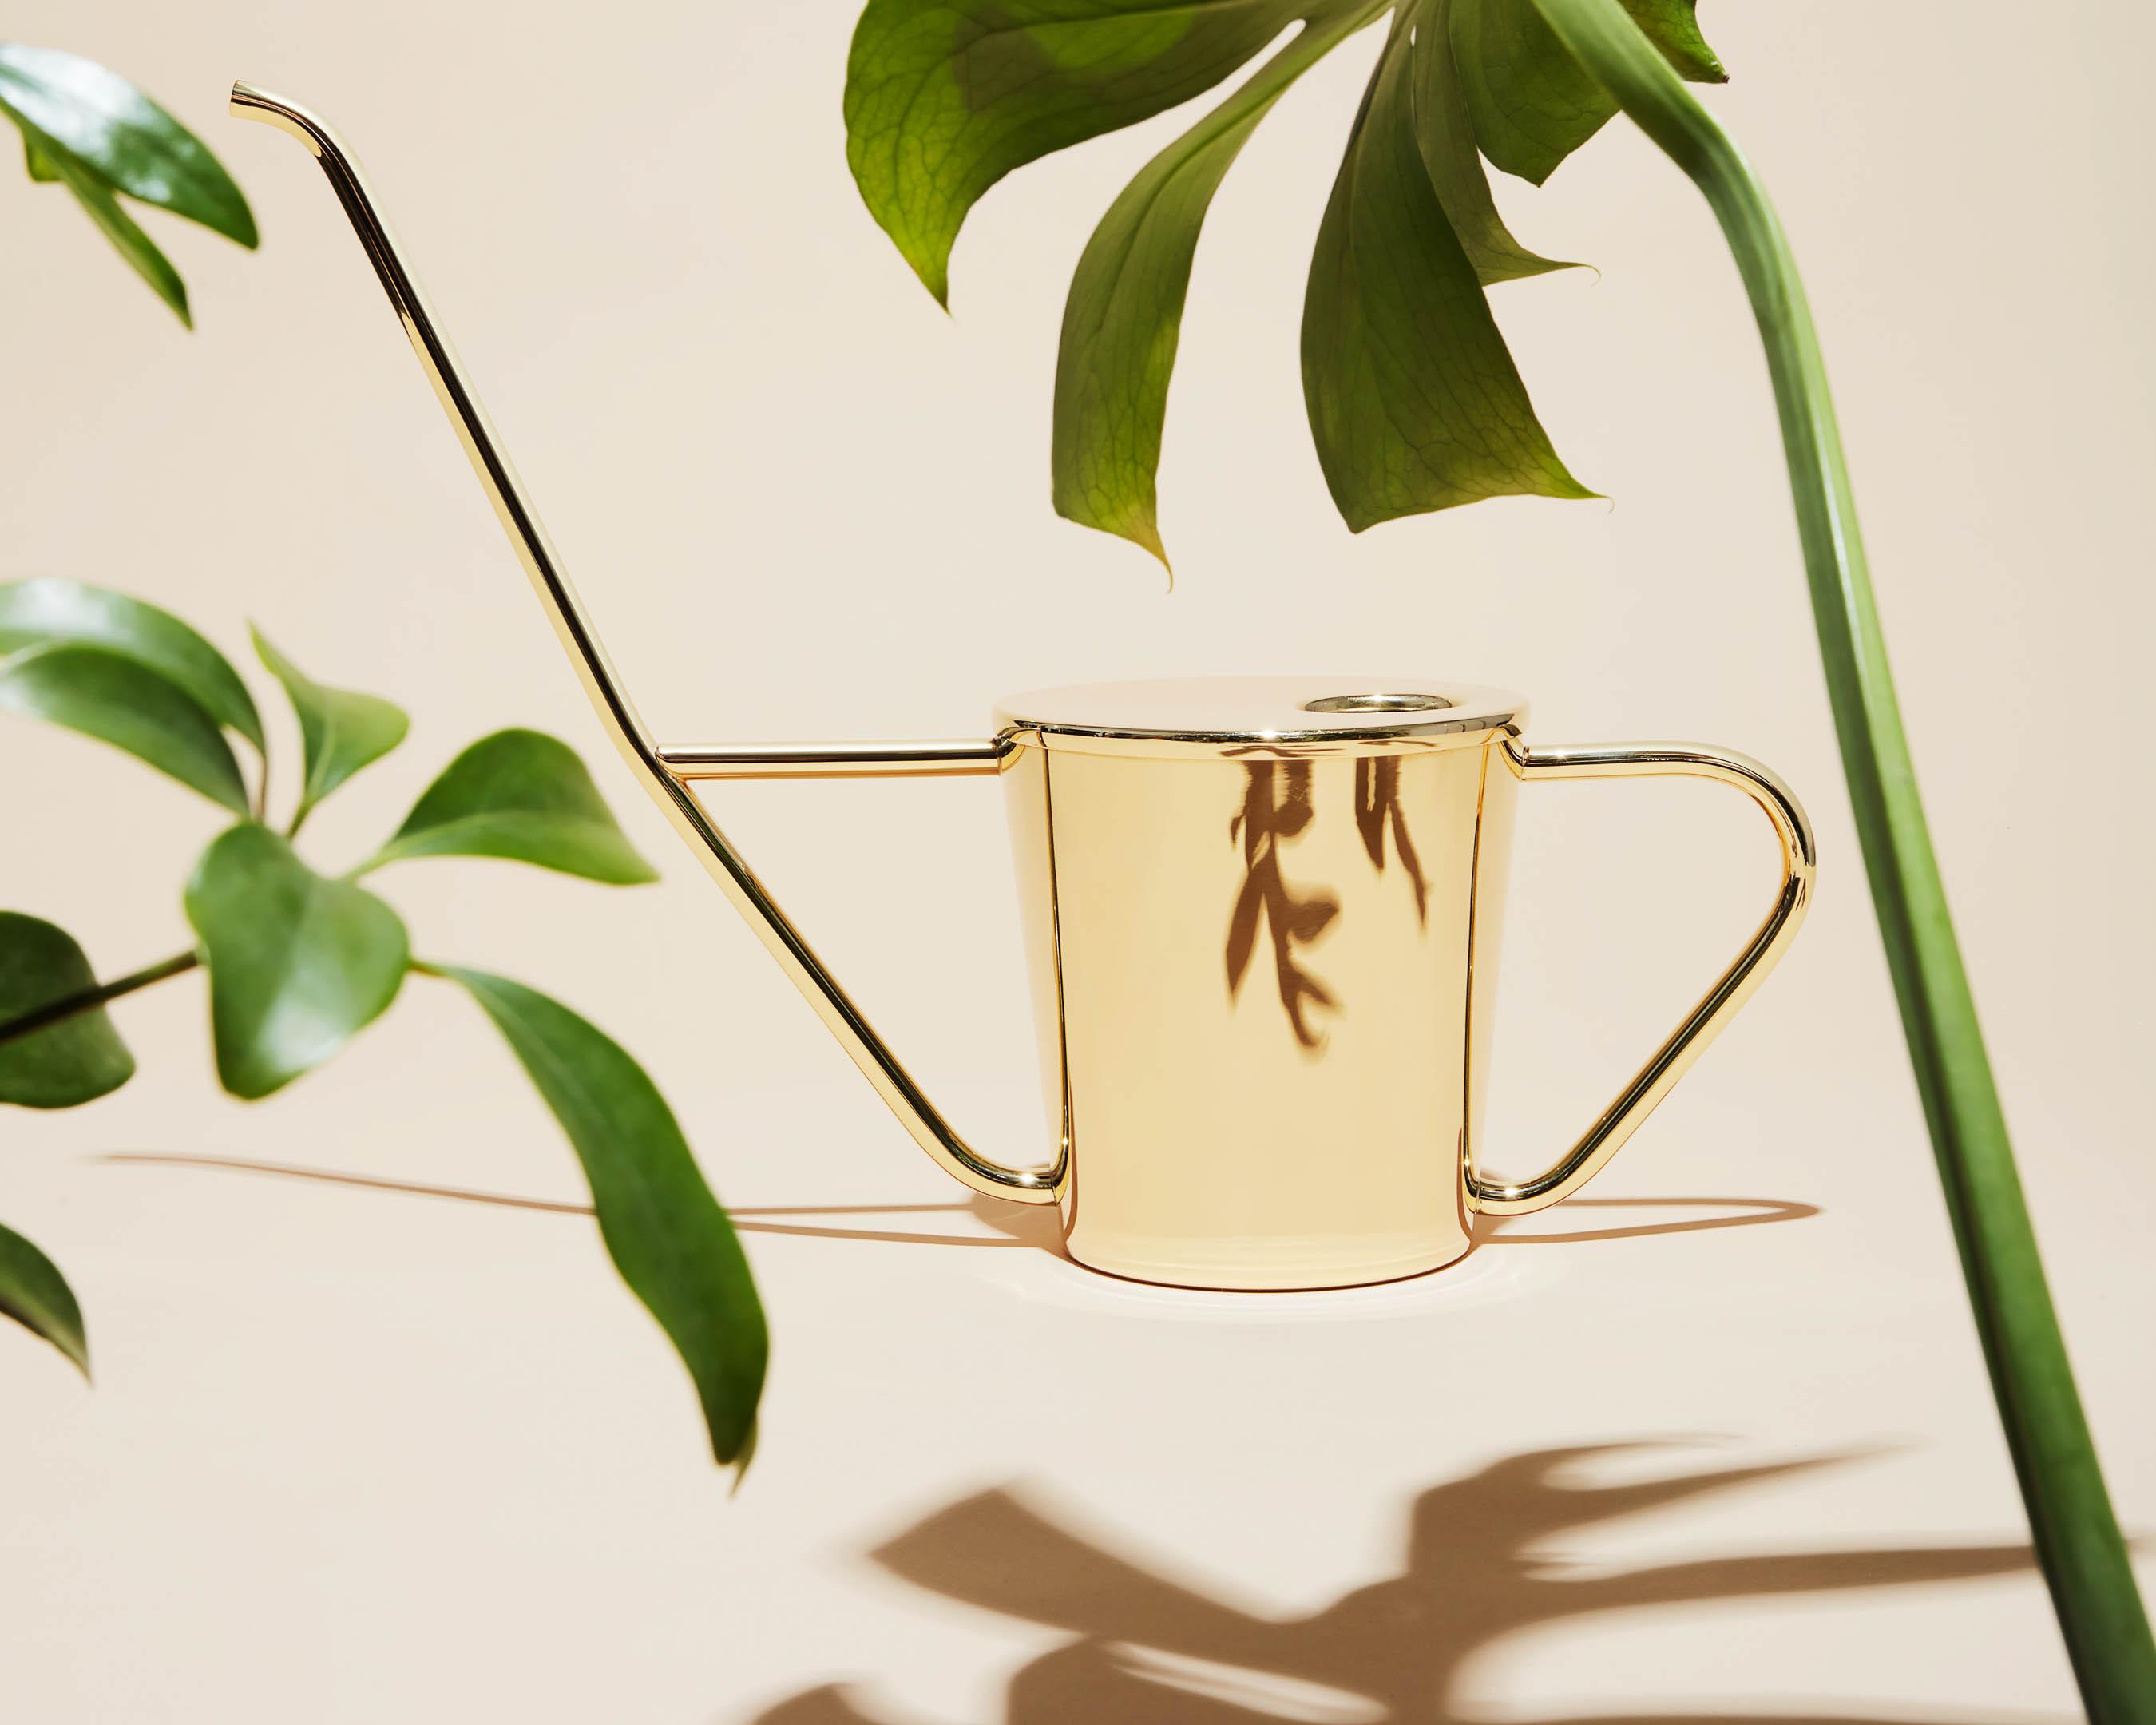 se rapporte aux arrosoirs si beaux qu'ils pourraient éclipser vos plantes